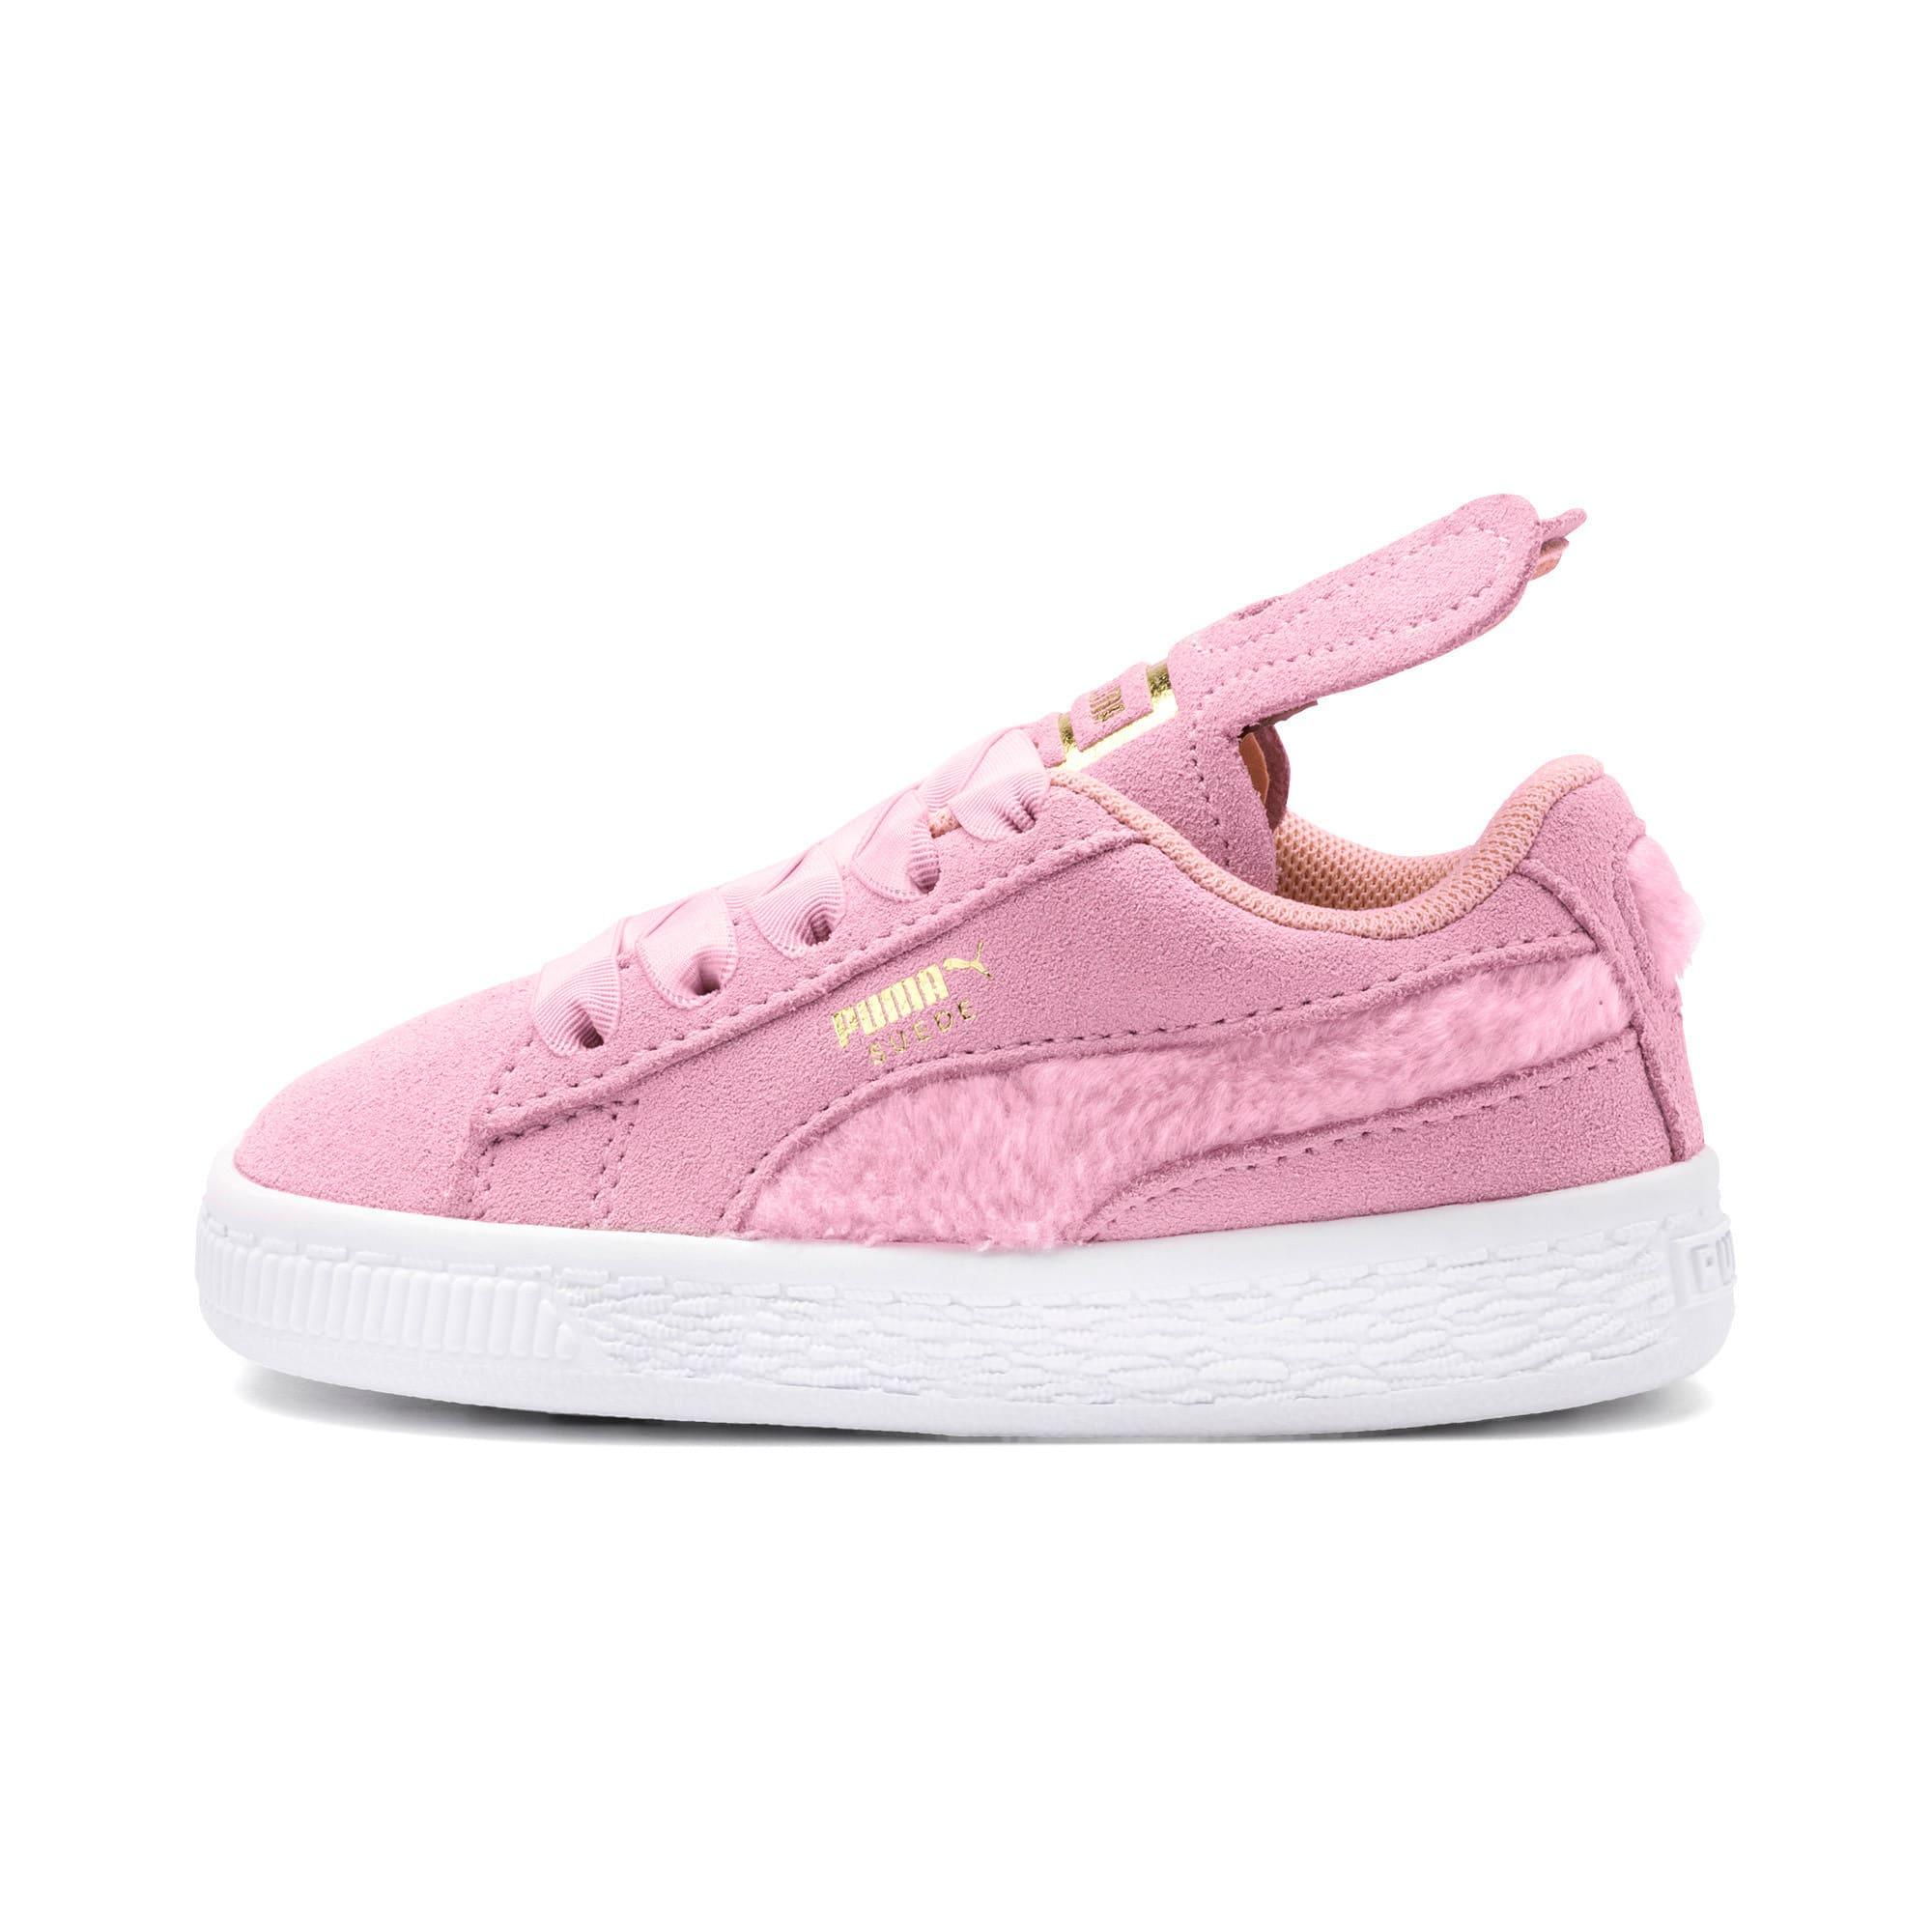 Miniatura 1 de Zapatos Suede Easter AC para niños, Pale Pink-Coral Cloud, mediano